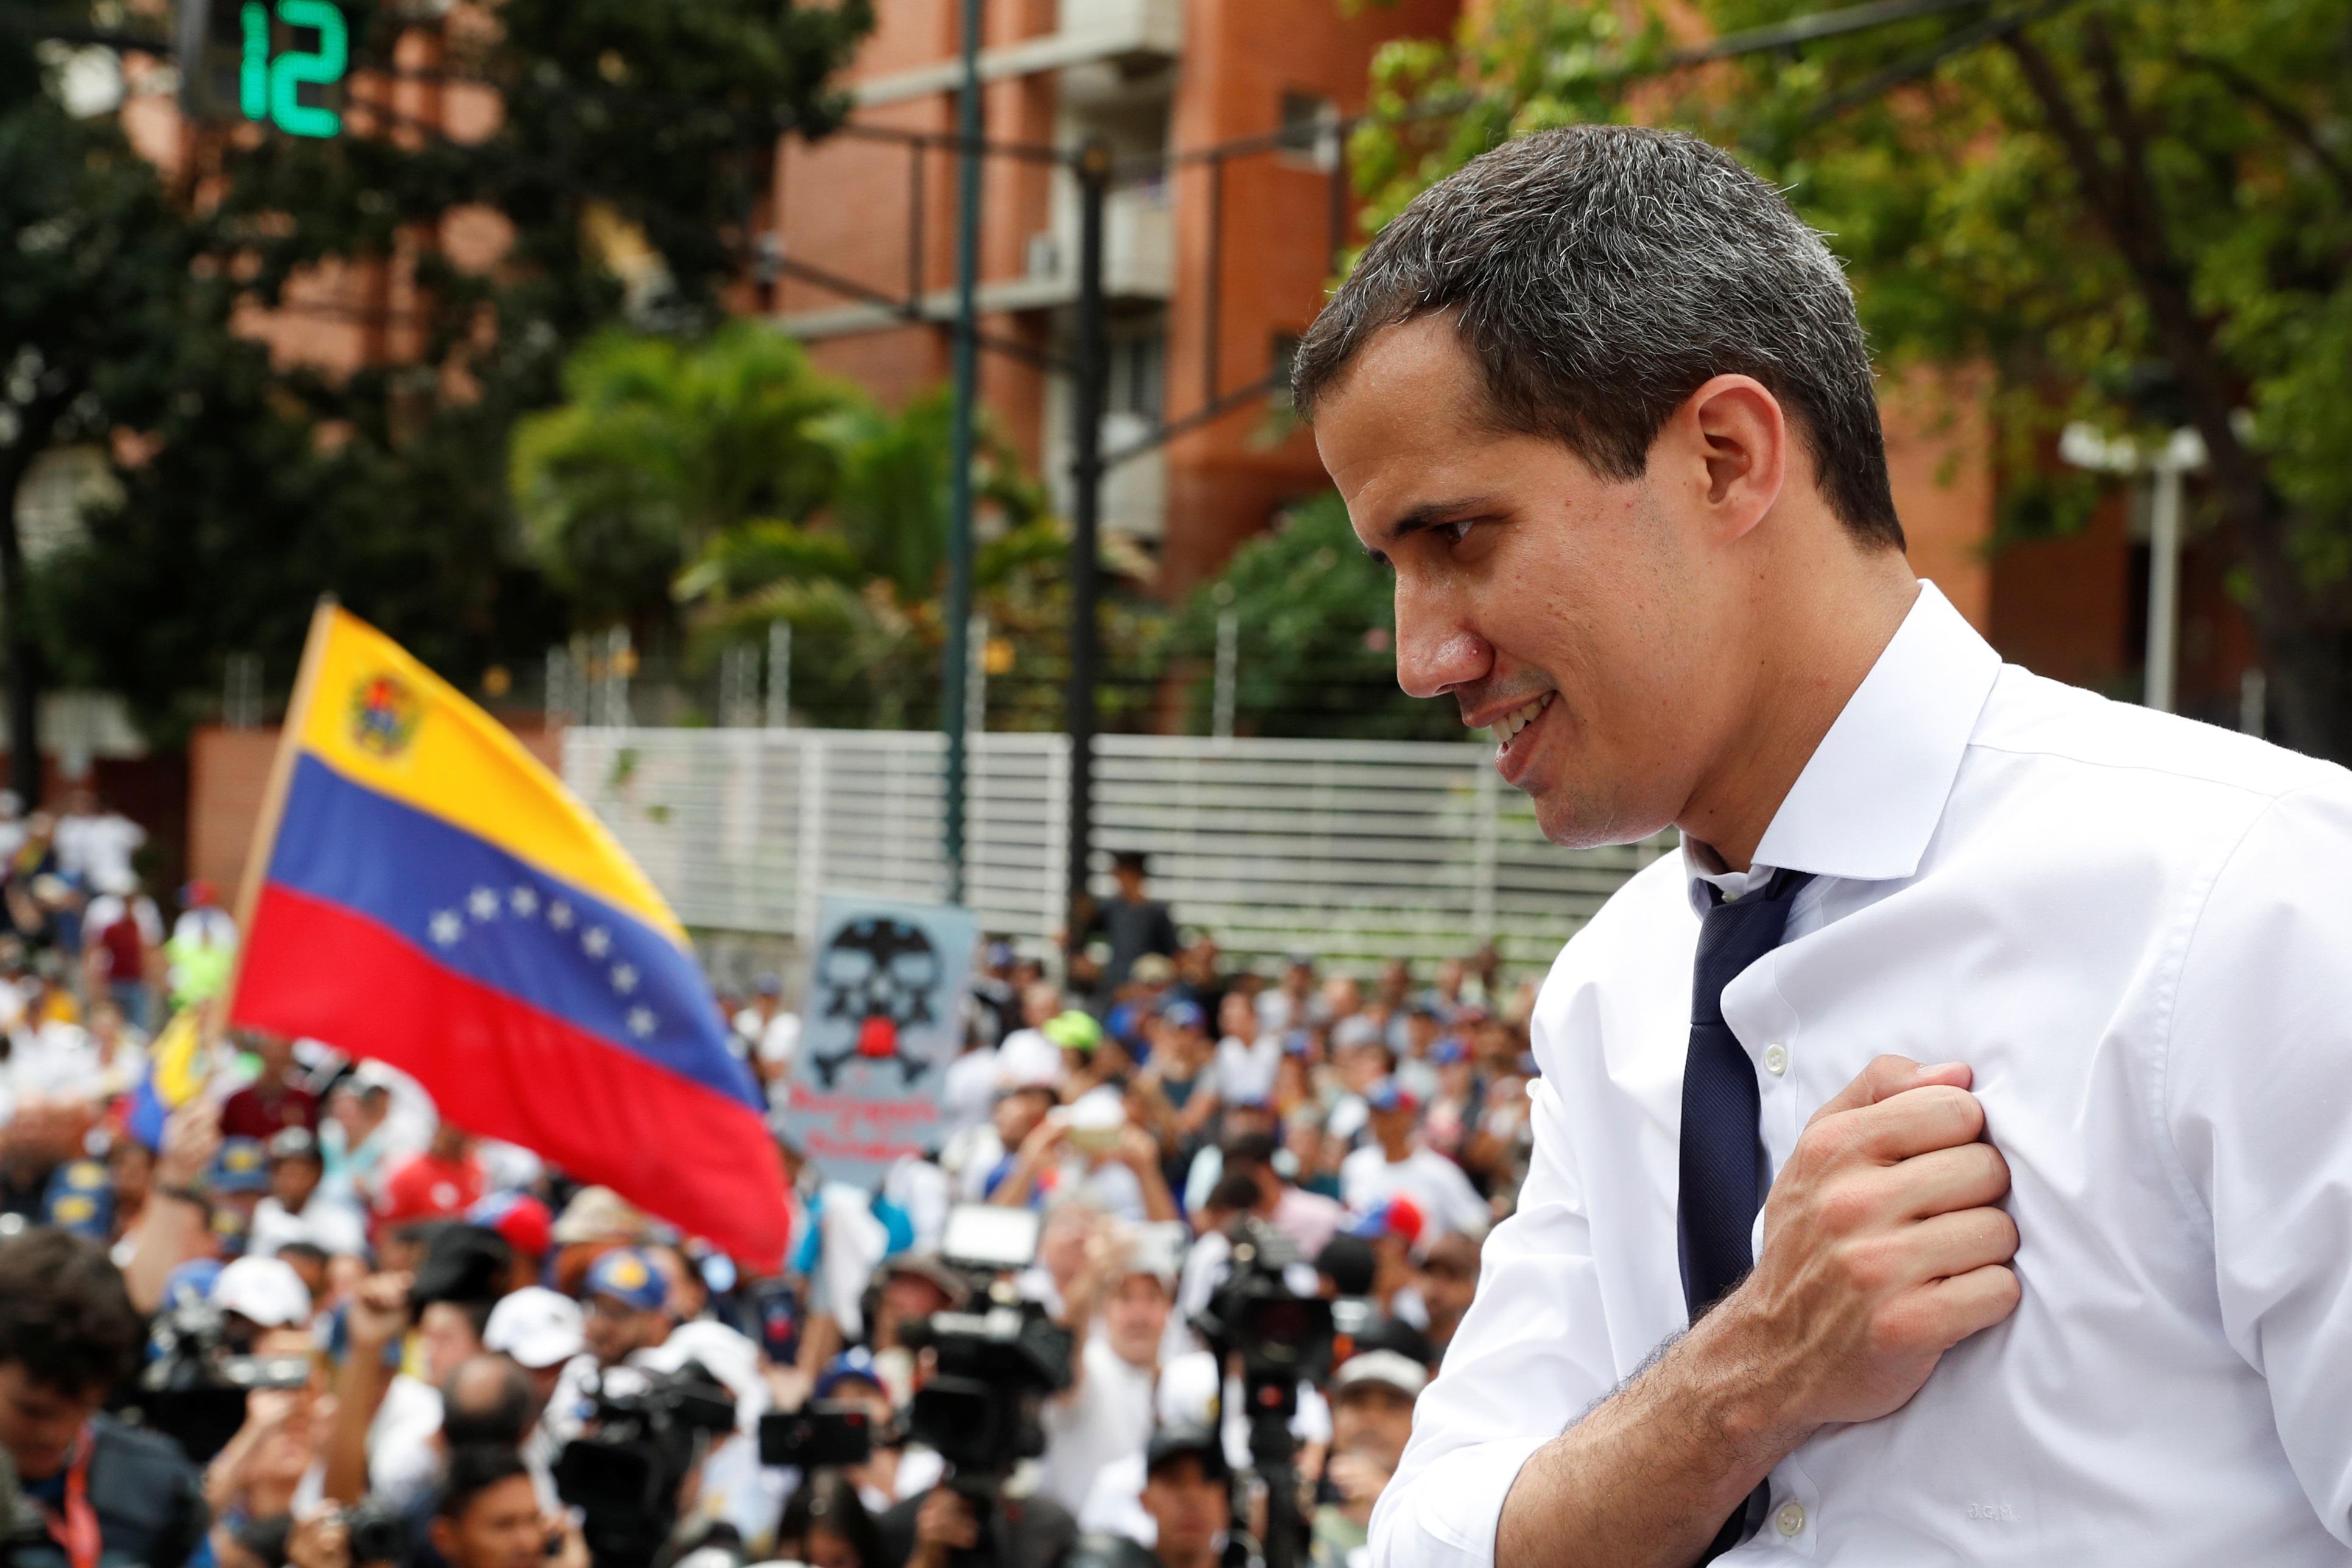 """Τραμπ: Κόβει 40 εκατ. δολάρια για Γουατεμάλα – Ονδούρα και τα… """"σπρώχνει"""" στον Γκουαϊδό!"""